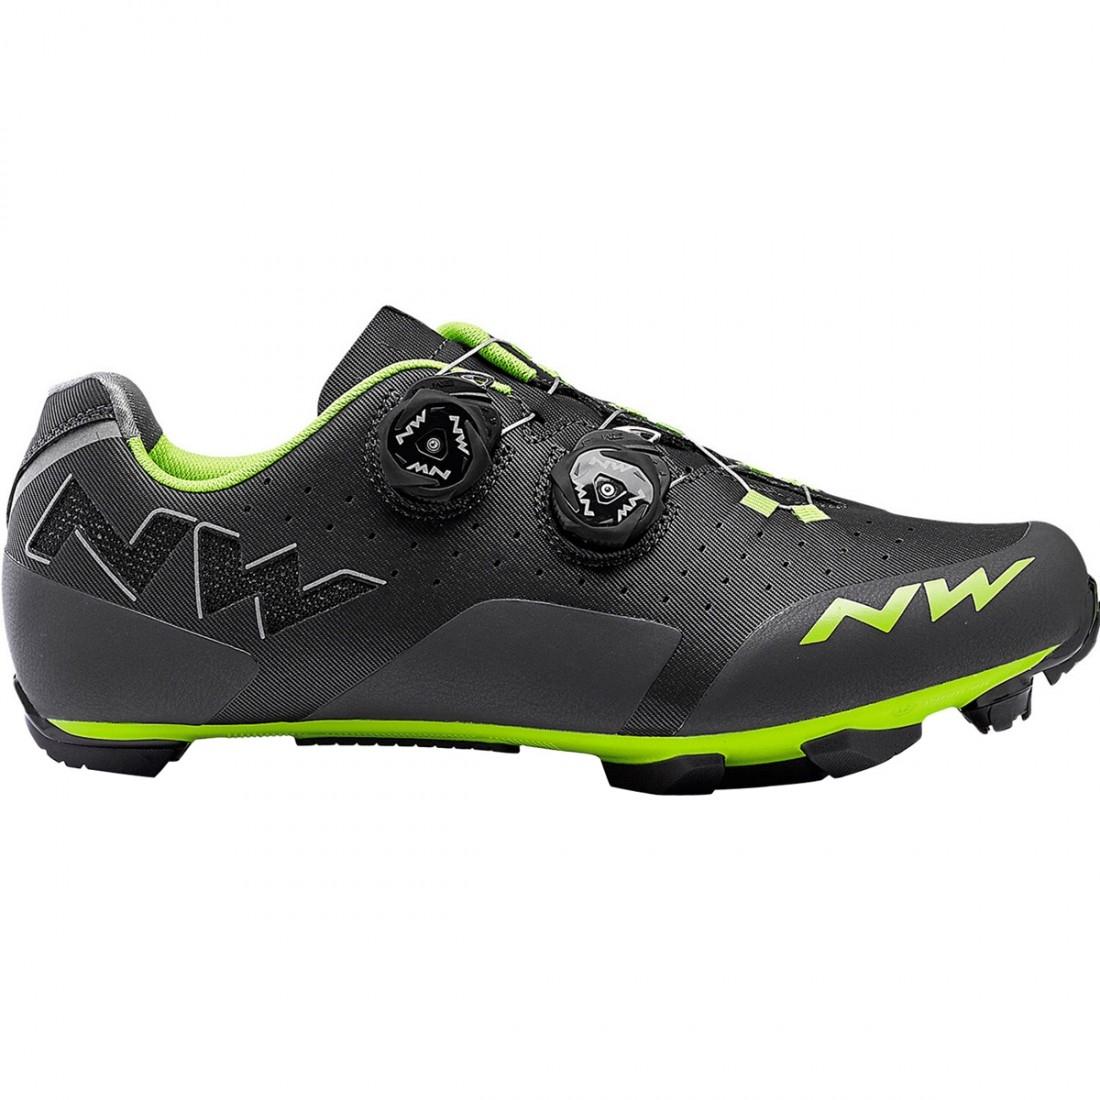 b2814e451847 NORTHWAVE Rebel Anthracite   Acid Green Shoe · Motocard